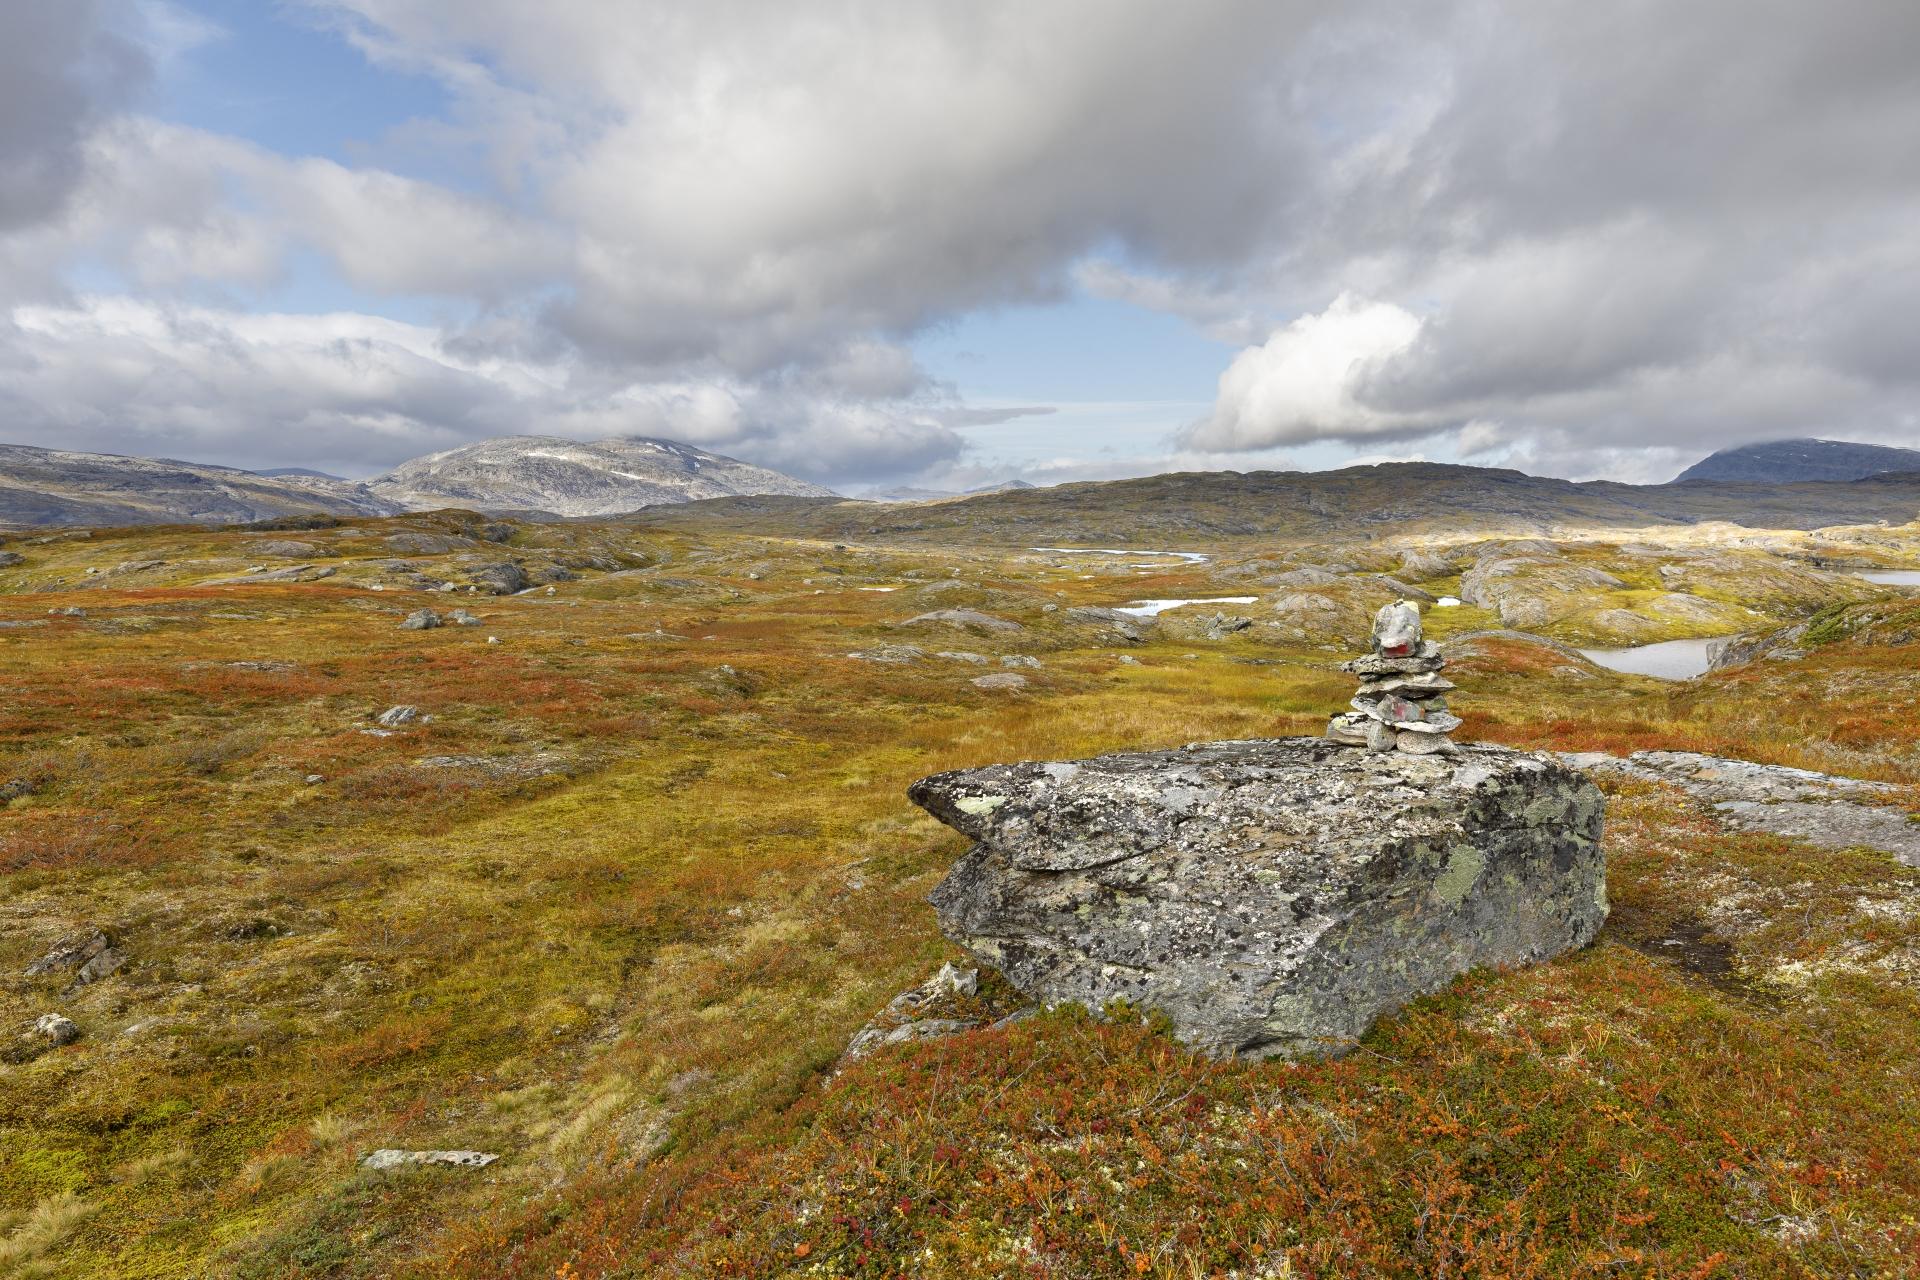 Knapp 2 km bis Norwegen!